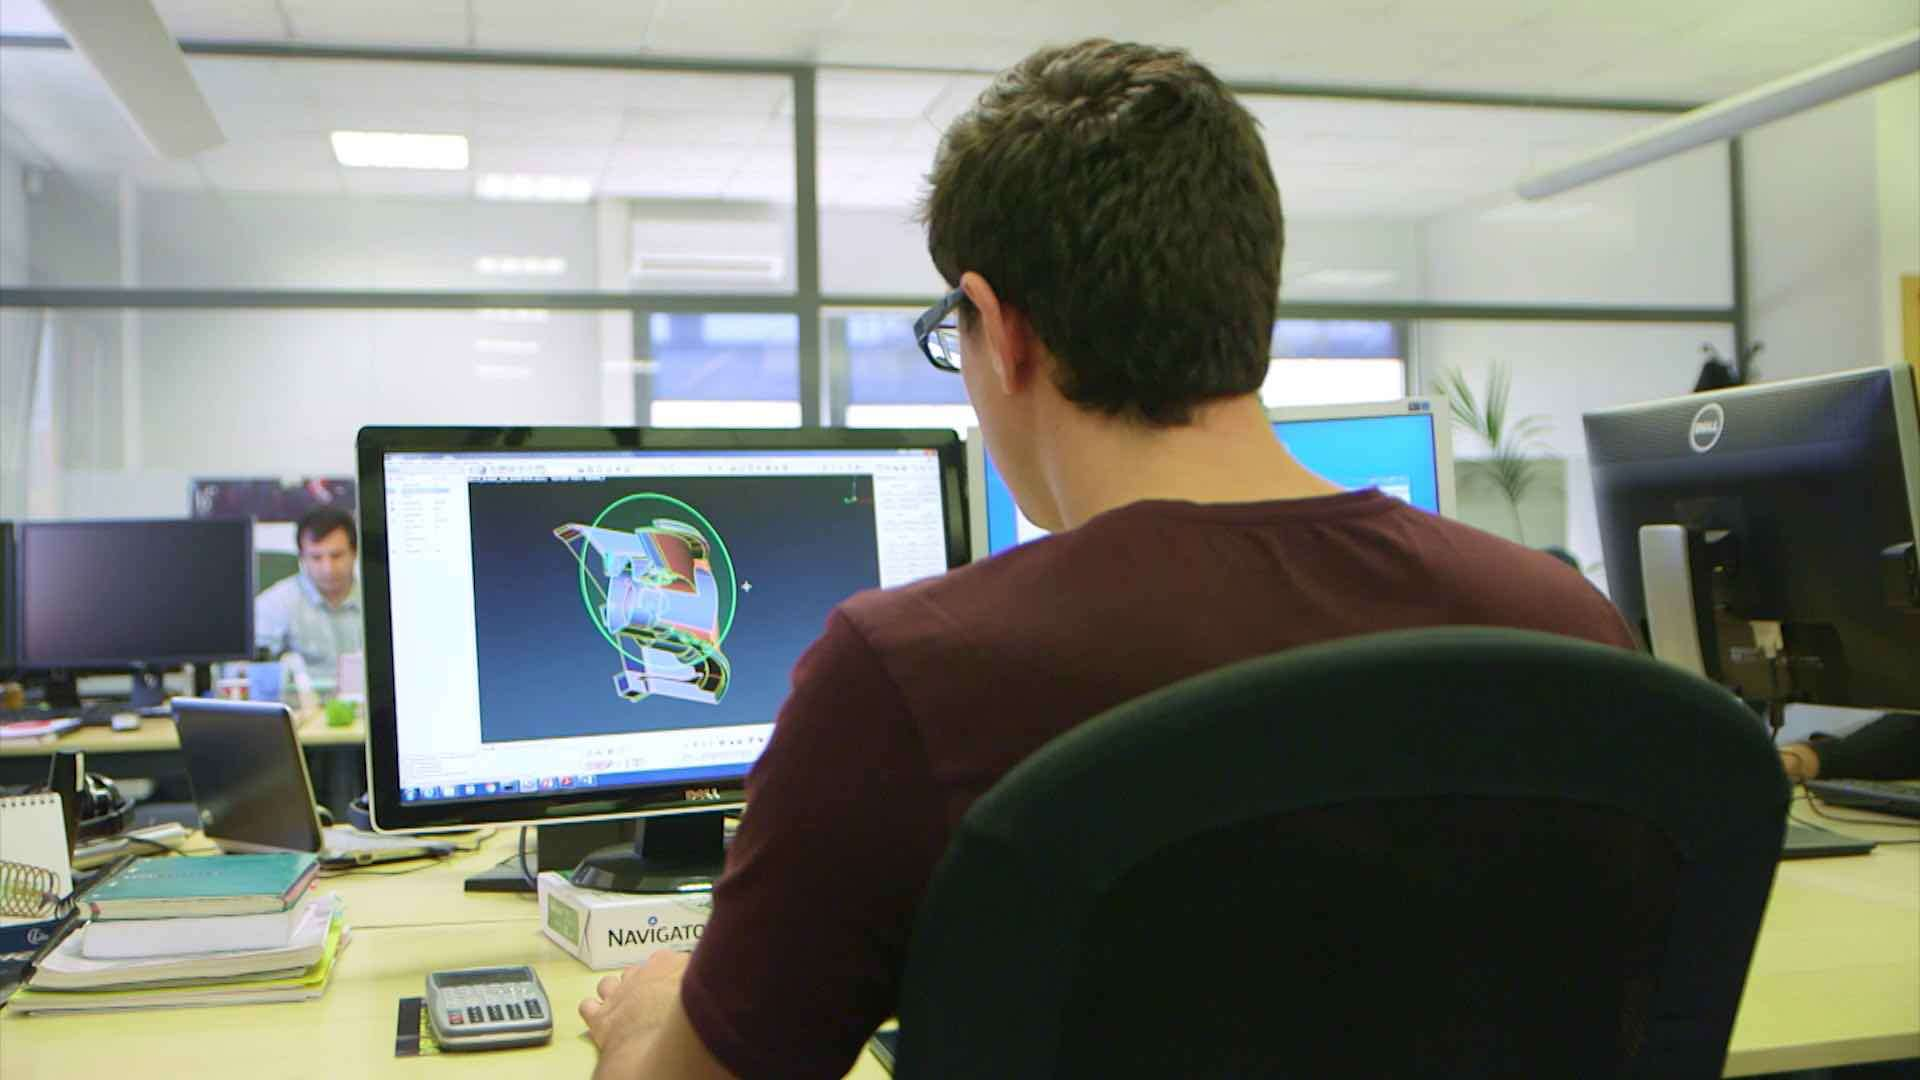 Ein Mann arbeitet in einem Büro an seinem Computer